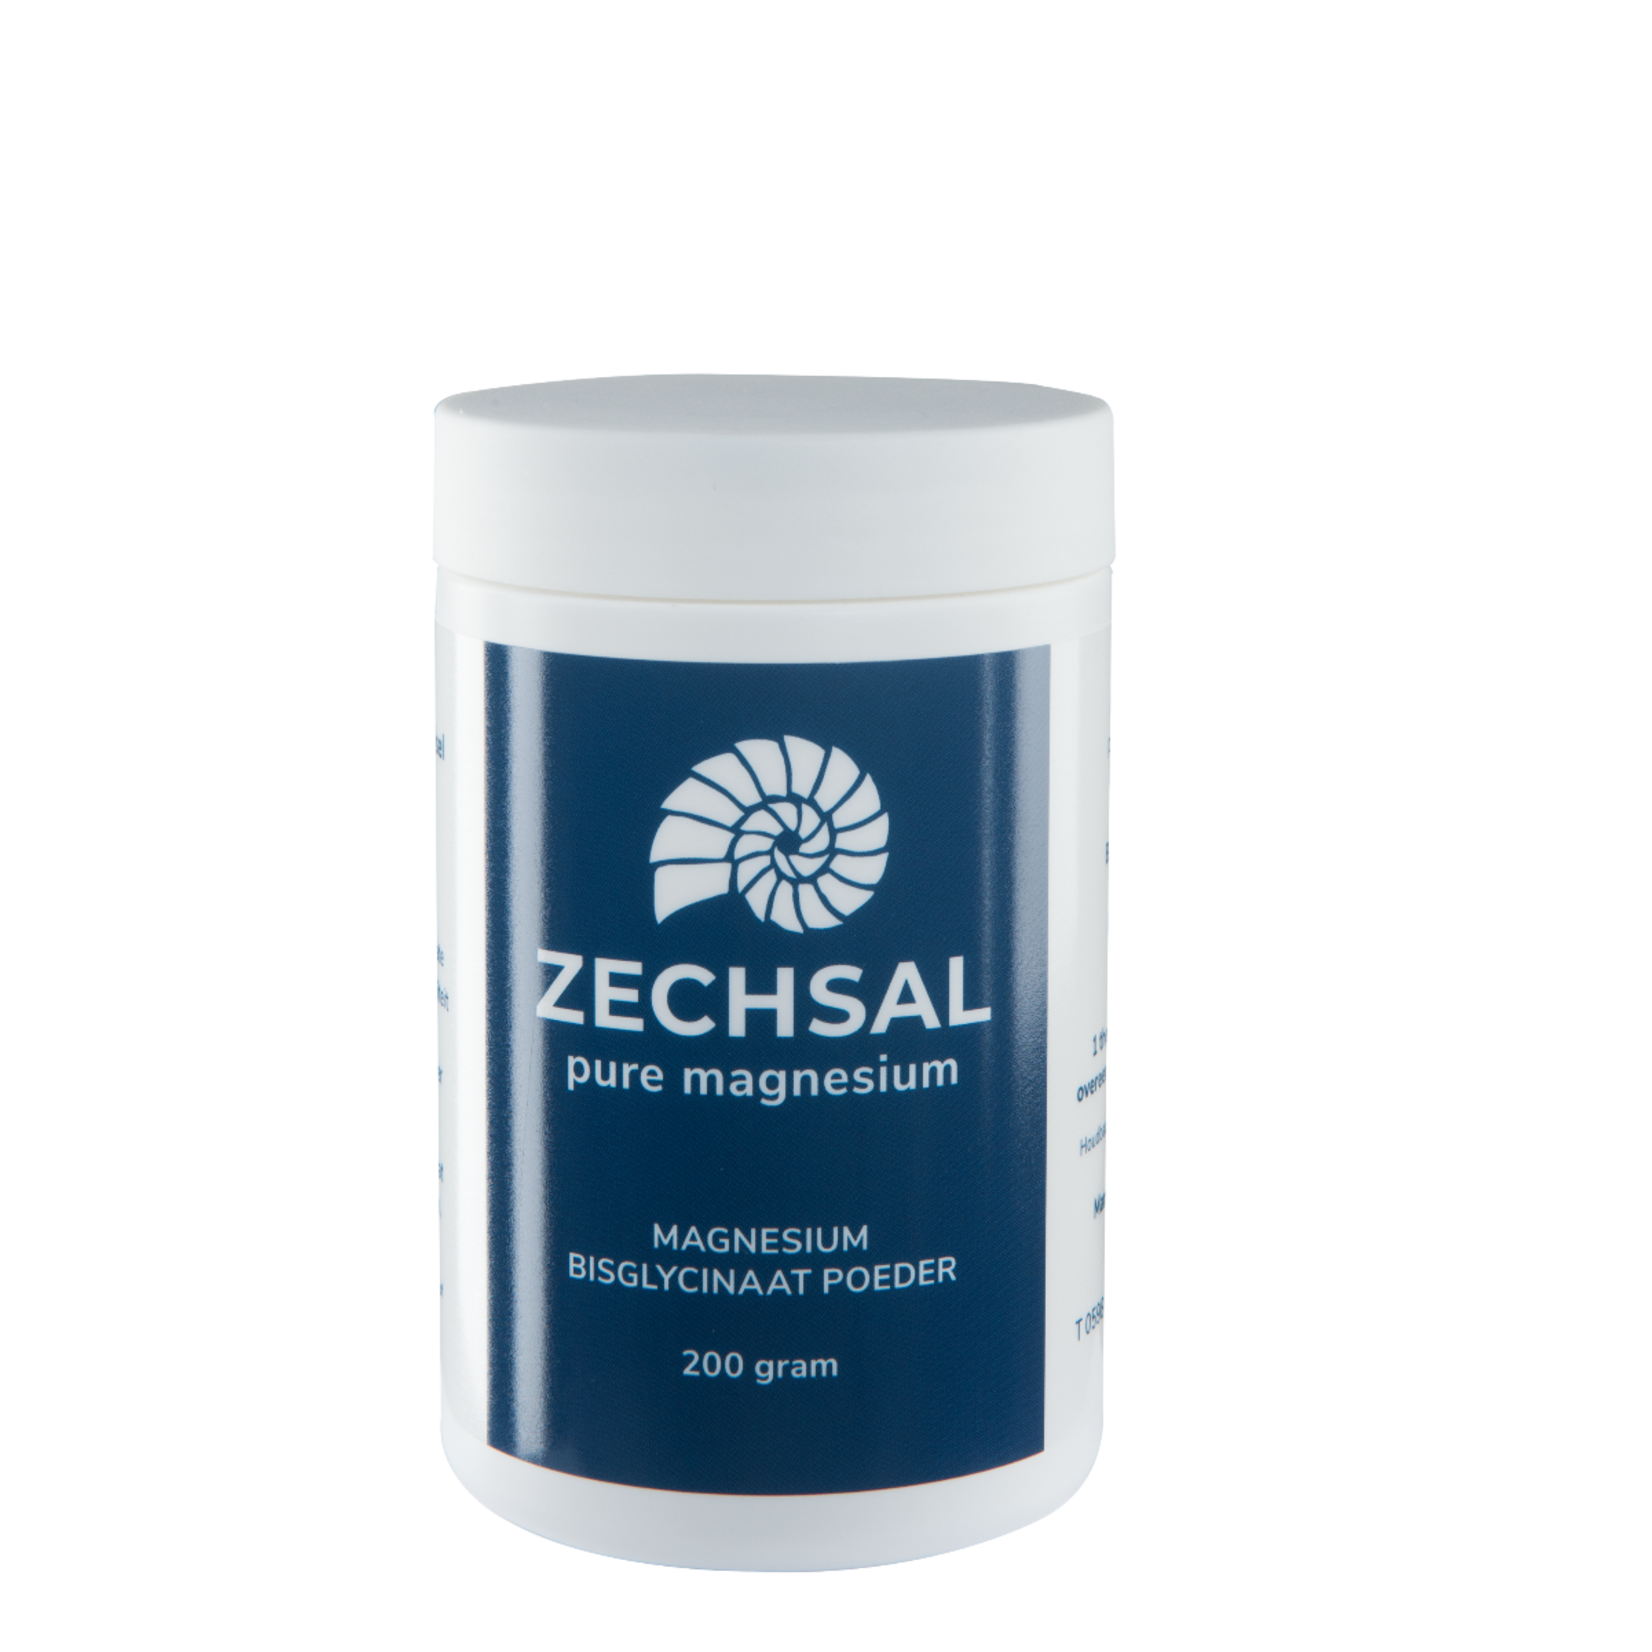 Zechsal Oraal magnesium Zechsal - magnesiumbisglycinaat poeder 200g